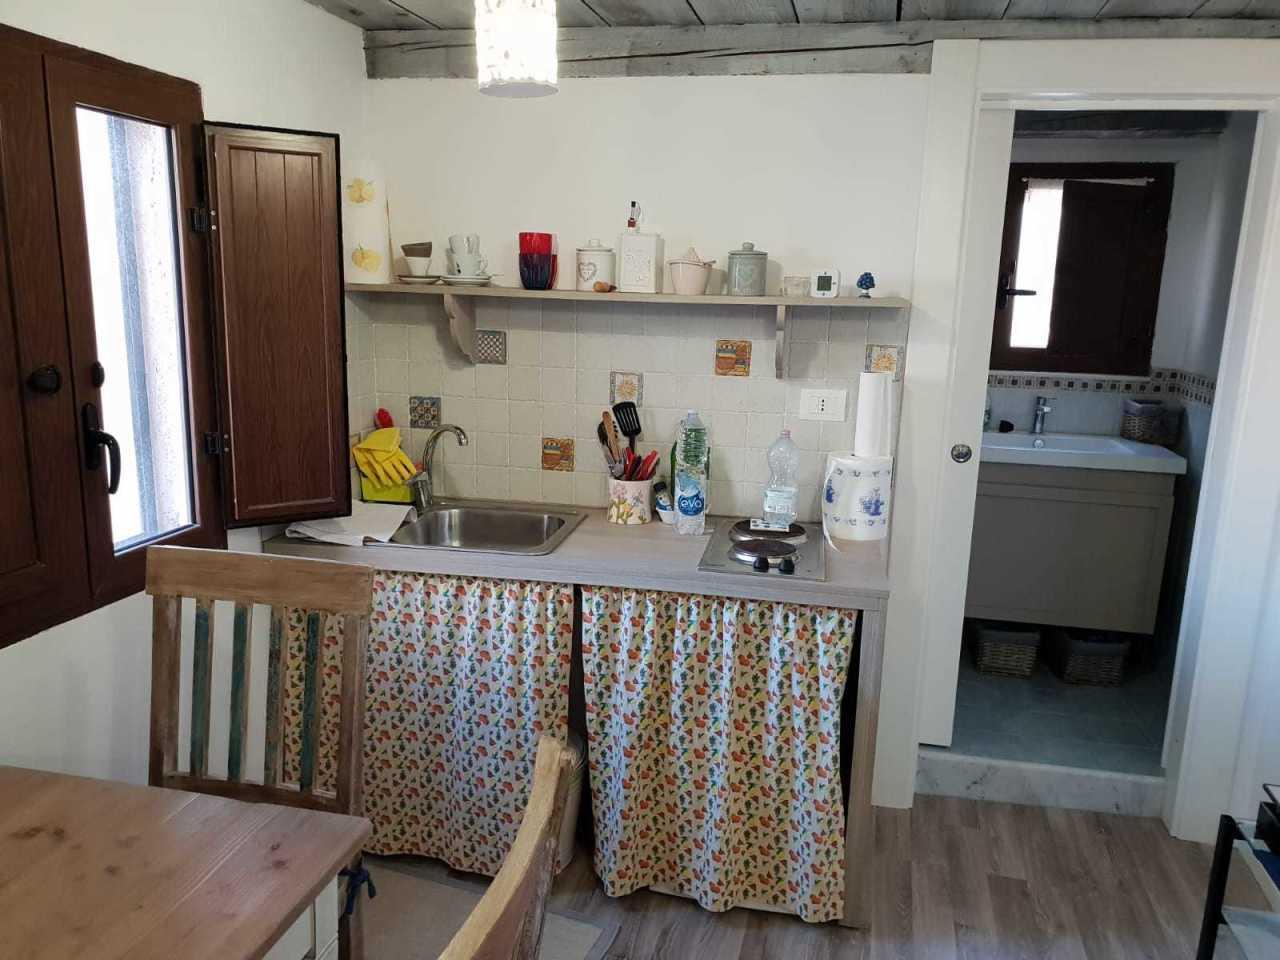 Attico / Mansarda in vendita a Siracusa, 1 locali, prezzo € 58.000   PortaleAgenzieImmobiliari.it